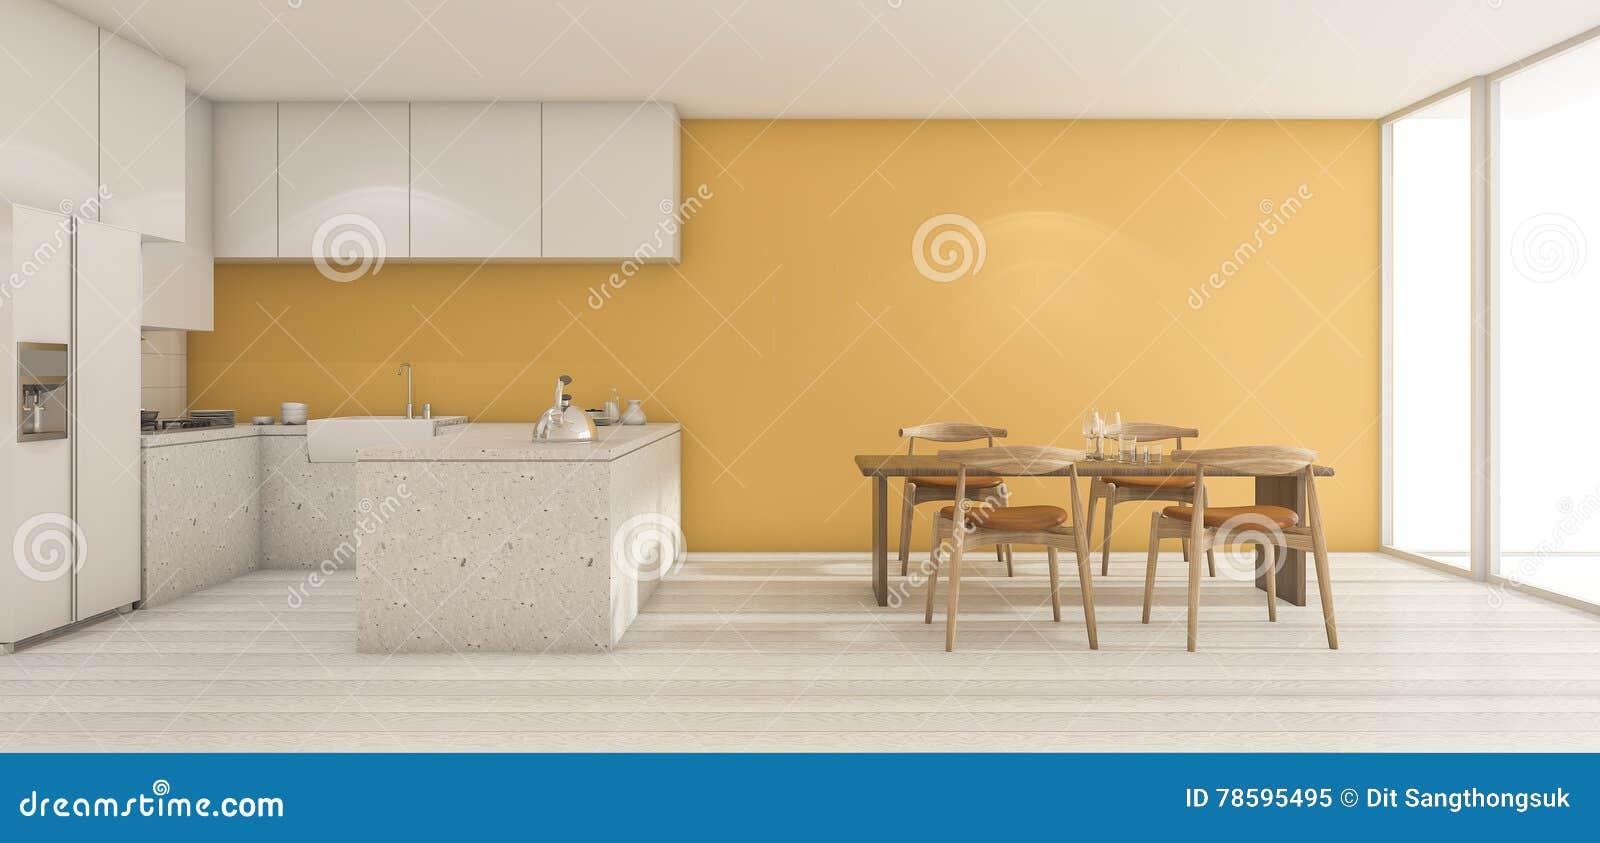 Tavoli Da Parete Cucina : D che rende l ampia cucina gialla della parete con il tavolo